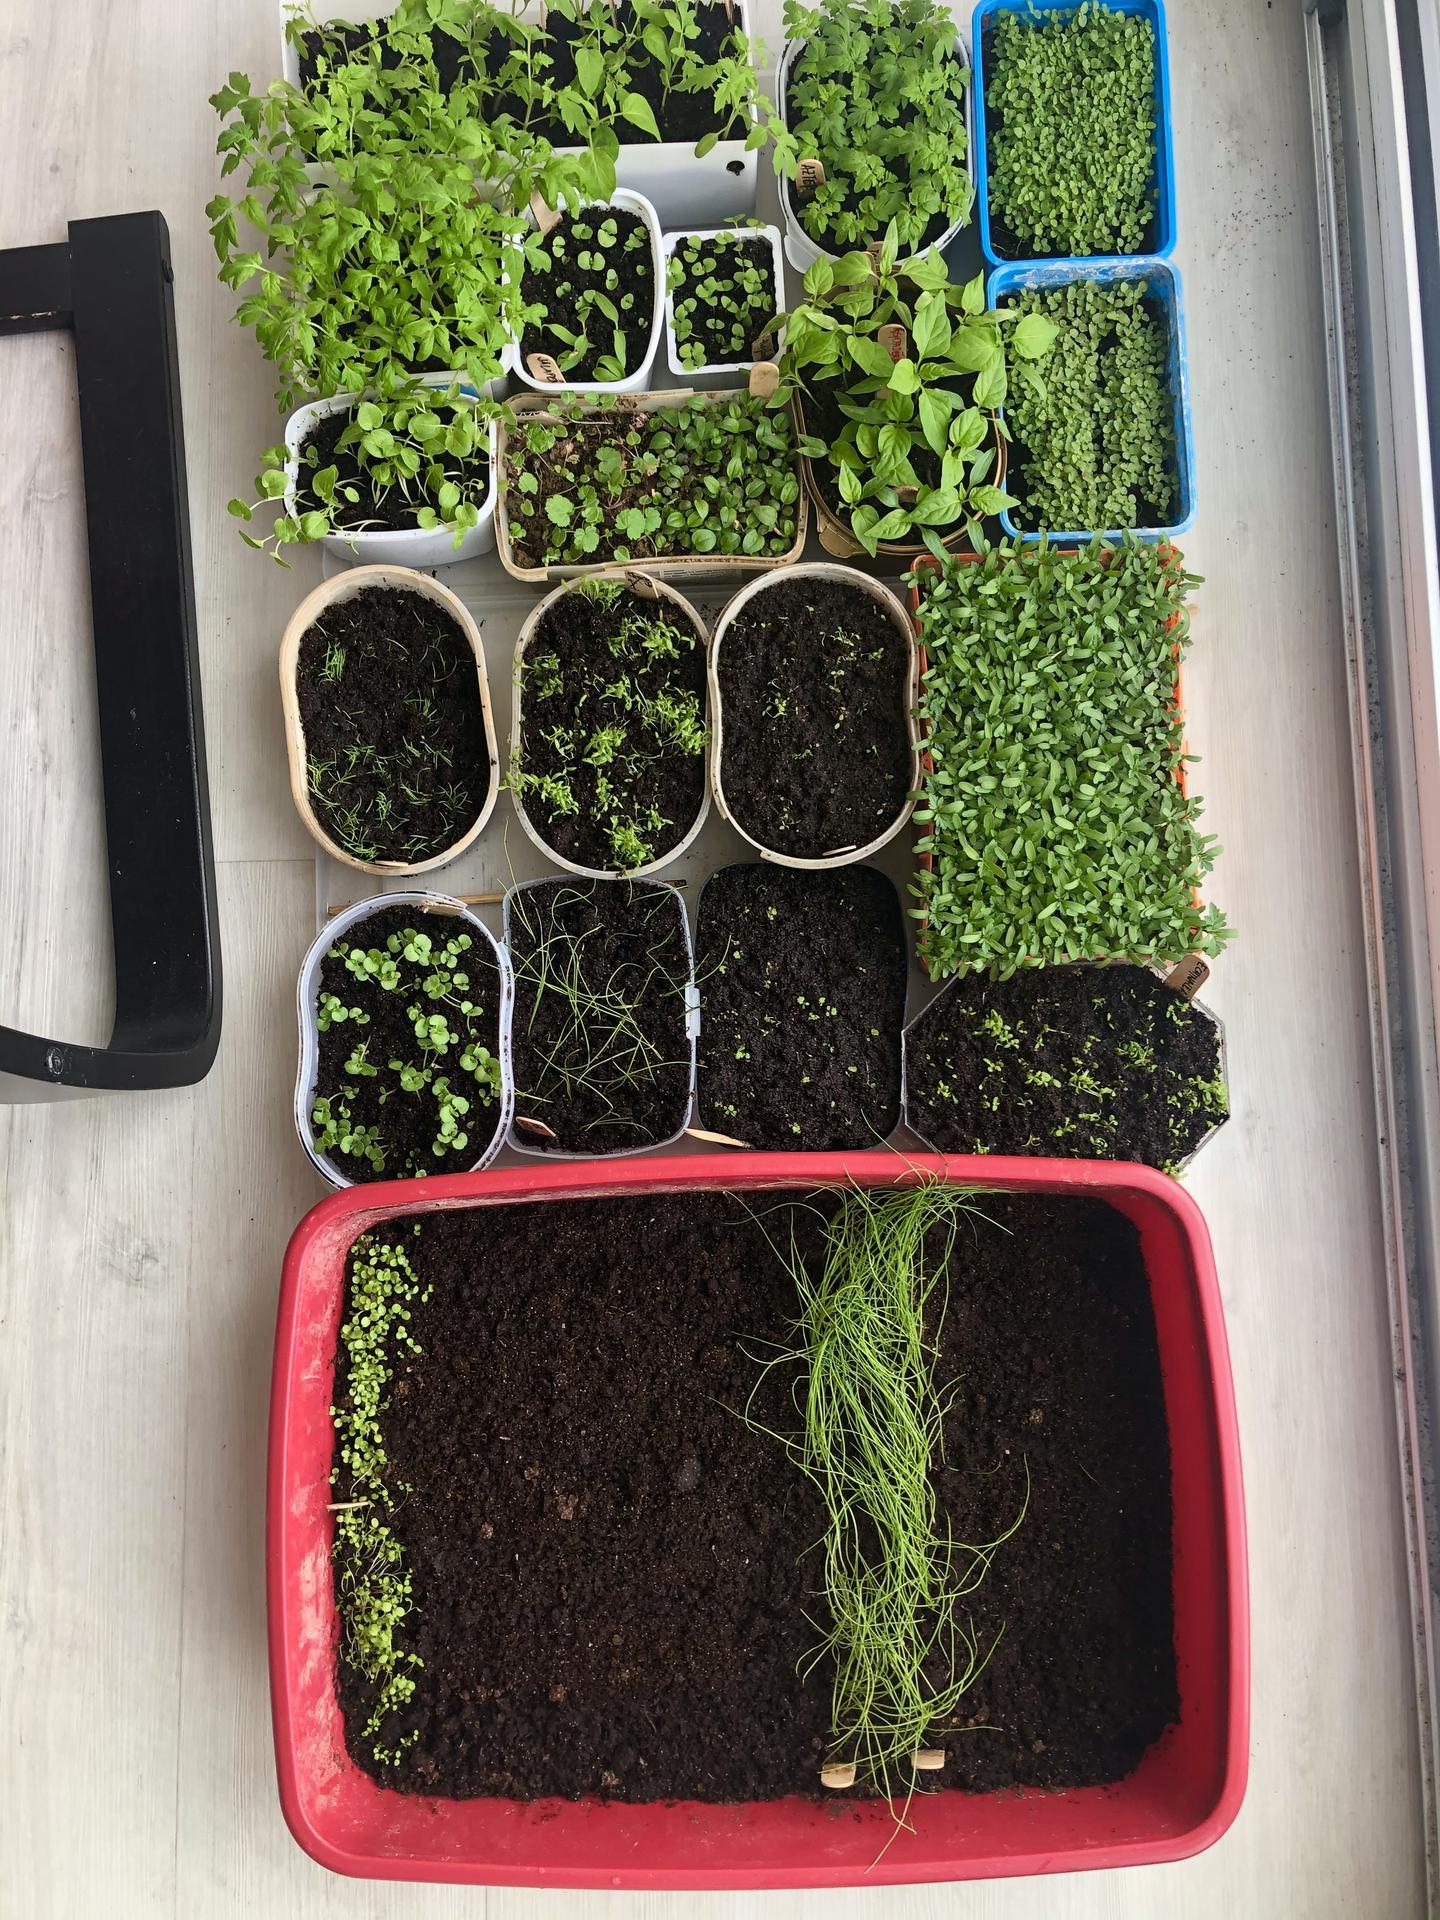 Skřítčí zahrada 2021 - Duben 2021 - letos předpěstovávám kromě zeleniny (a to budu zkoušet víc druhů jak loni) i květiny (trvalky a samovysévající se letničky)